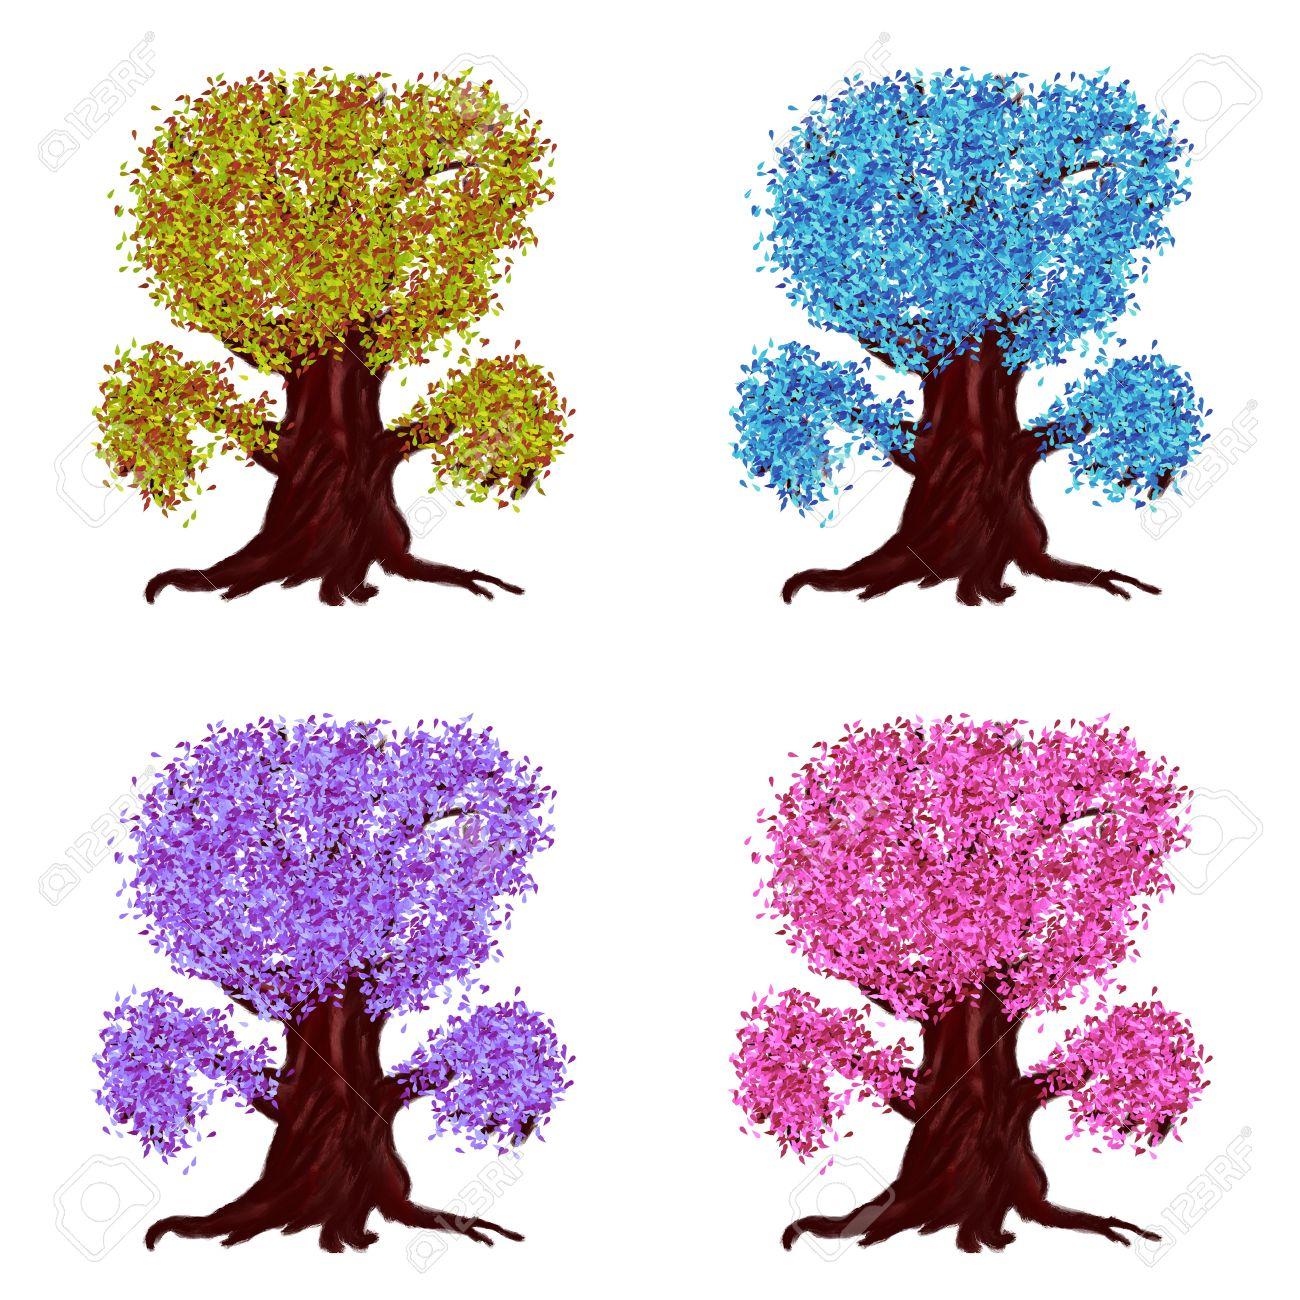 Ilustración Digital Abstracta De árboles De Fantasía De Dibujos Animados  Con Hojas De Diferentes Colores. Fotos, Retratos, Imágenes Y Fotografía De  Archivo Libres De Derecho. Image 16003461.